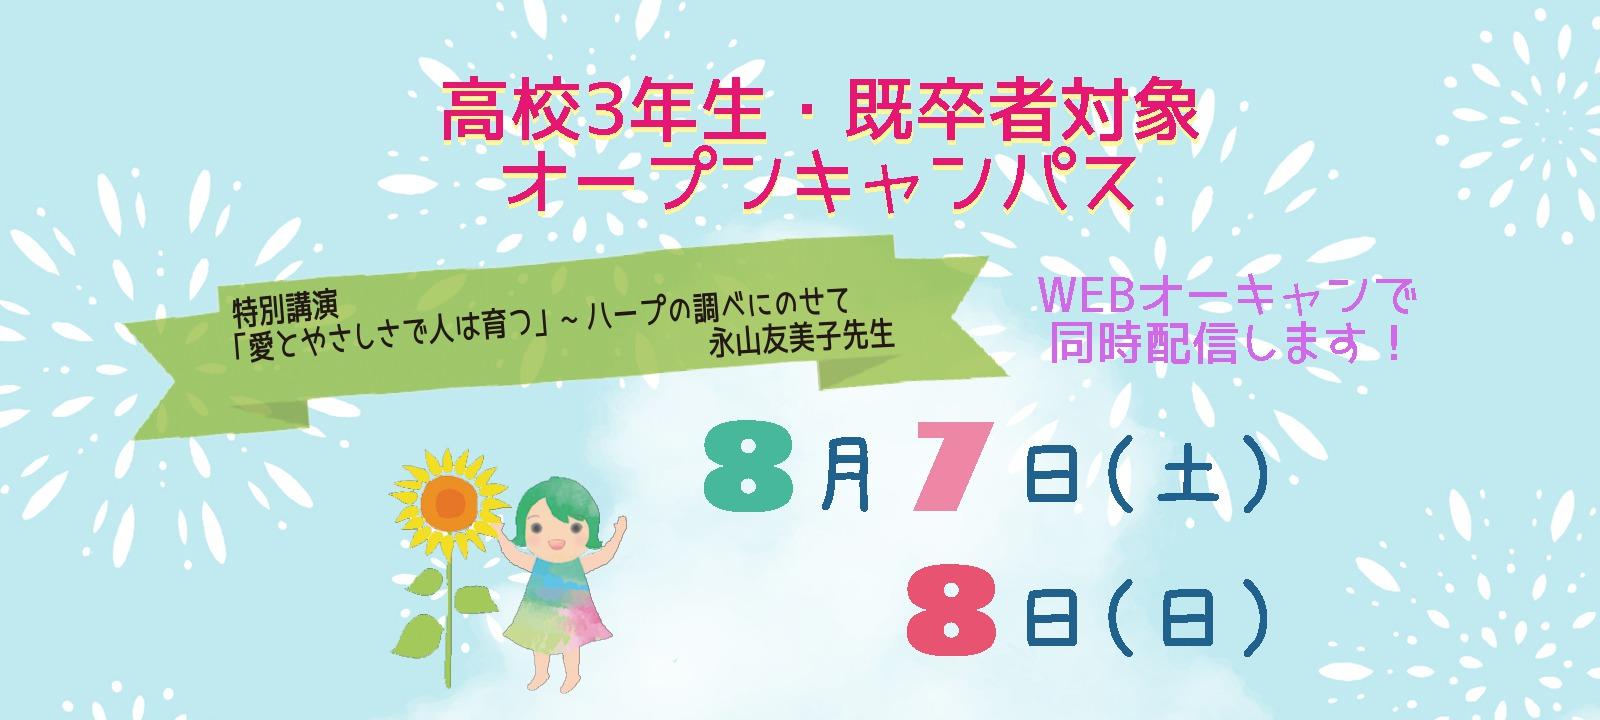 8月7日(土)8日(日)高校3年生・既卒者対象オープンキャンパス開催